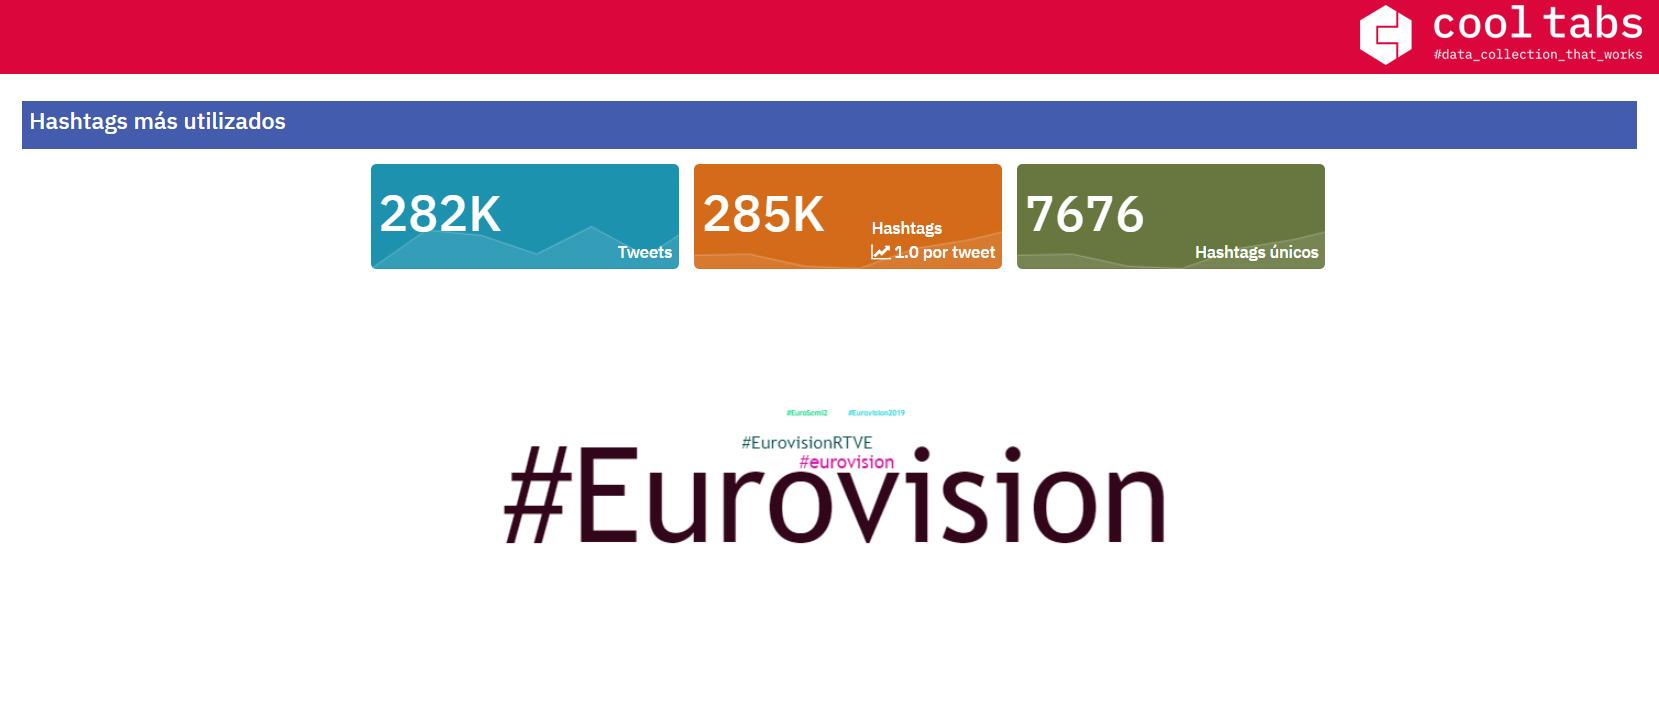 Eurovisión 2019: hashtags